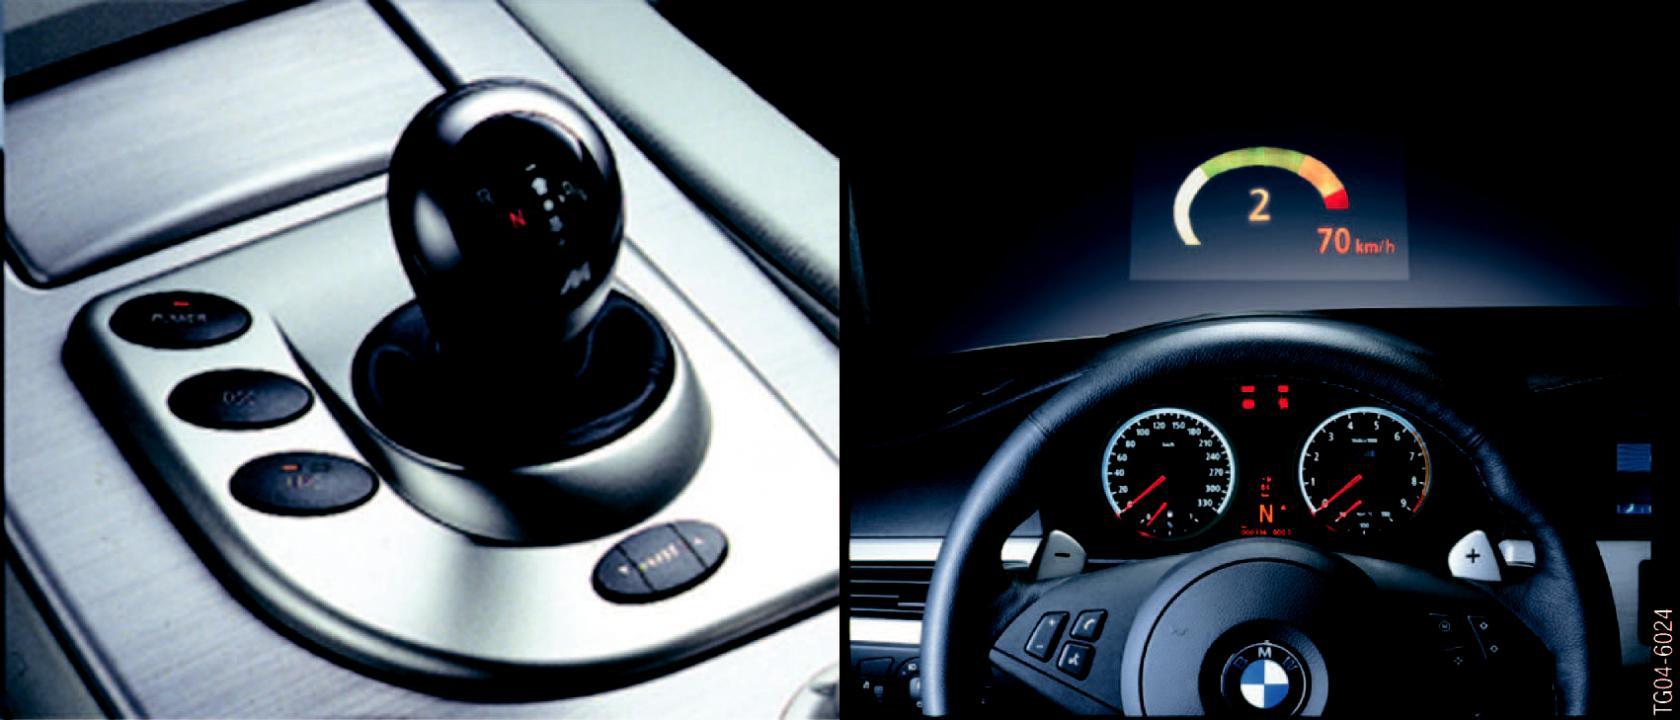 Selecteur-de-vitesse-et-afficheur-HUD-M5-E60.jpeg